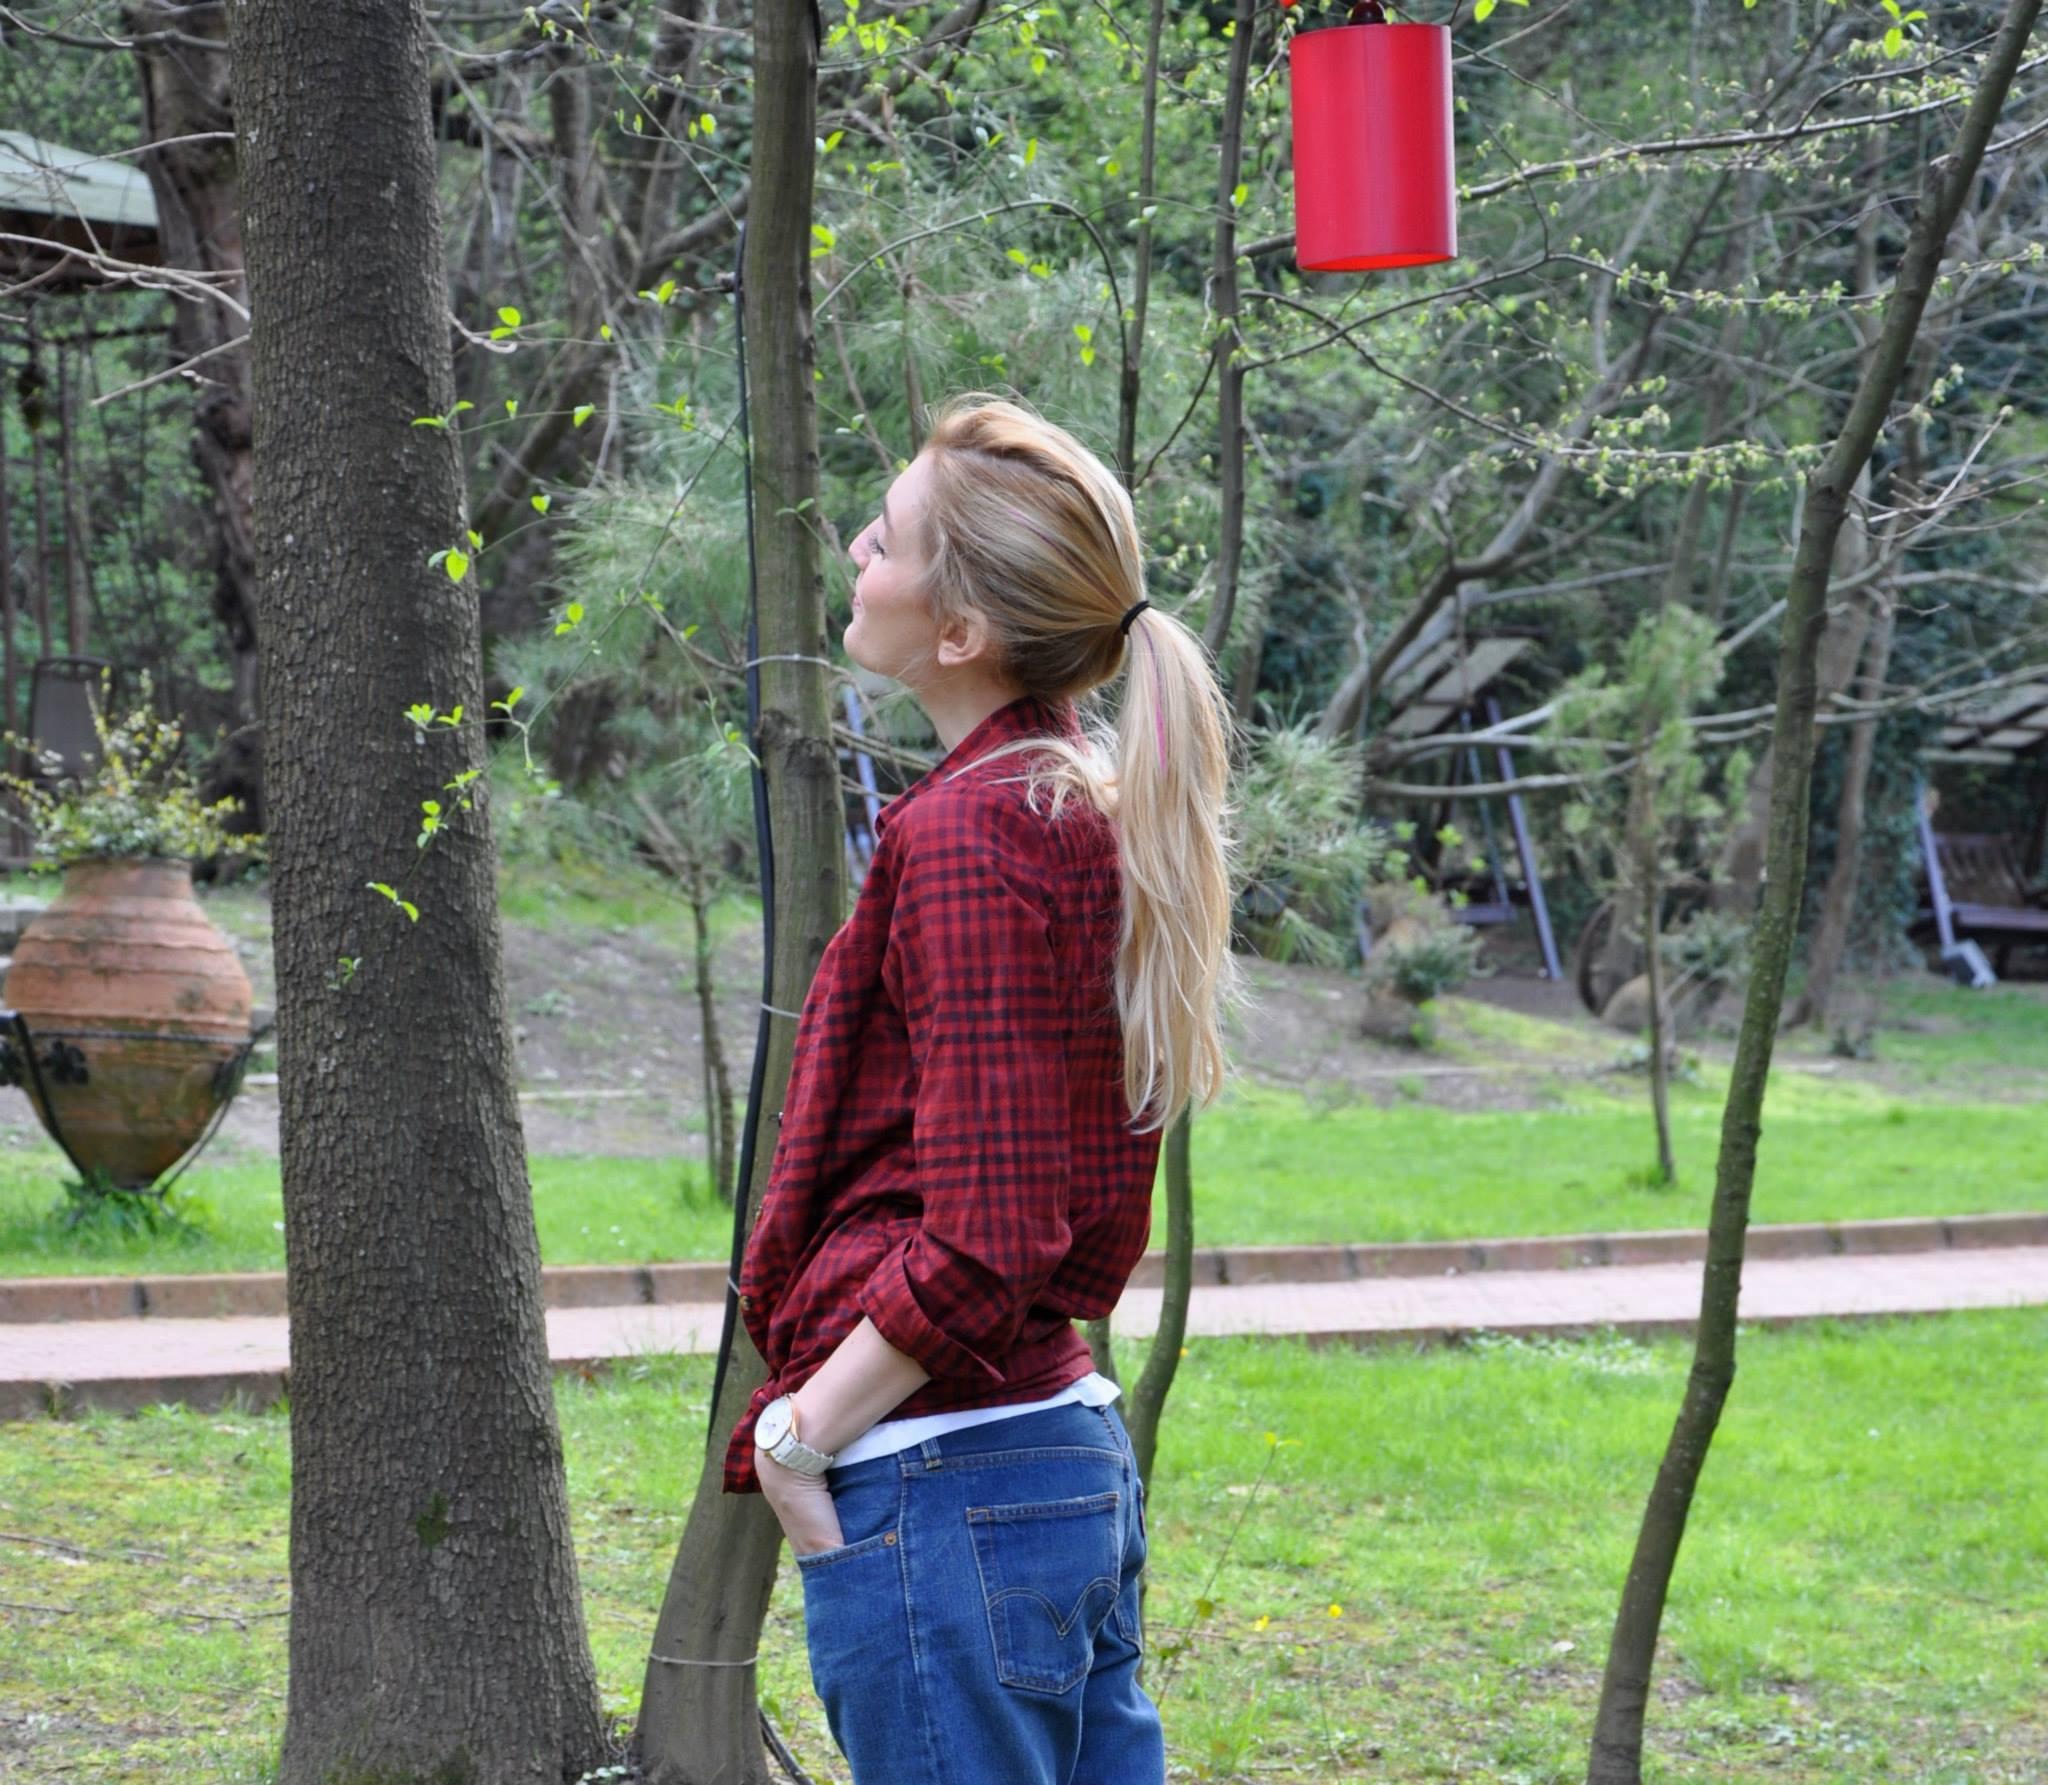 levis-ct-501-boyfriend-jeans-burcu-ozcan-chihuahua-mira-diary-of-burcu-diaryofburcu-11